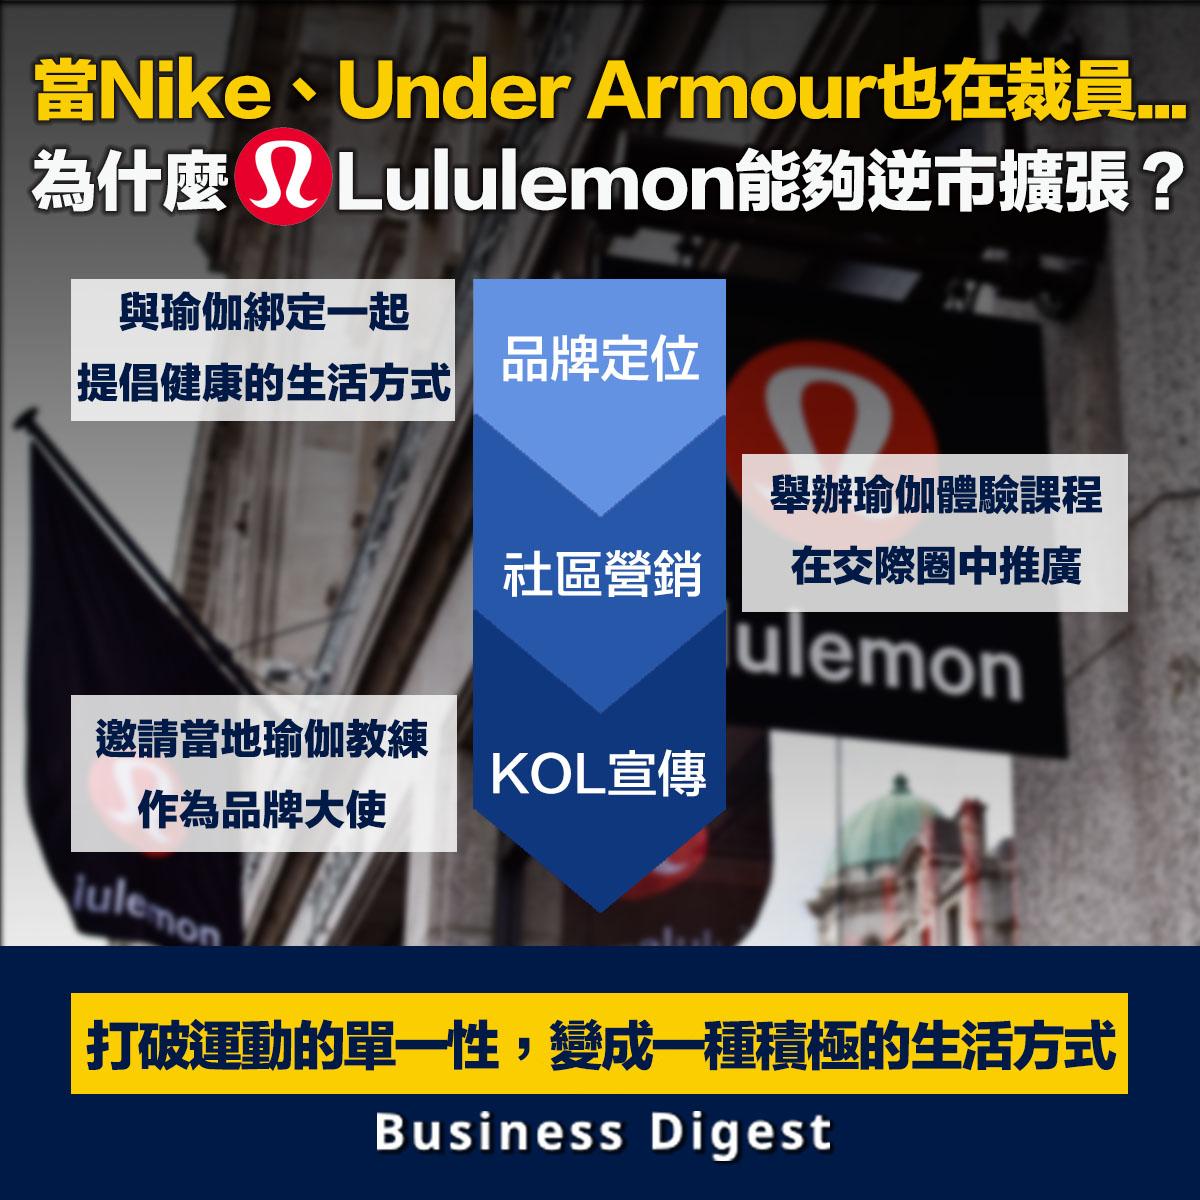 當Nike、Under Armour也在裁員...為什麼Lululemon能夠逆市擴張?